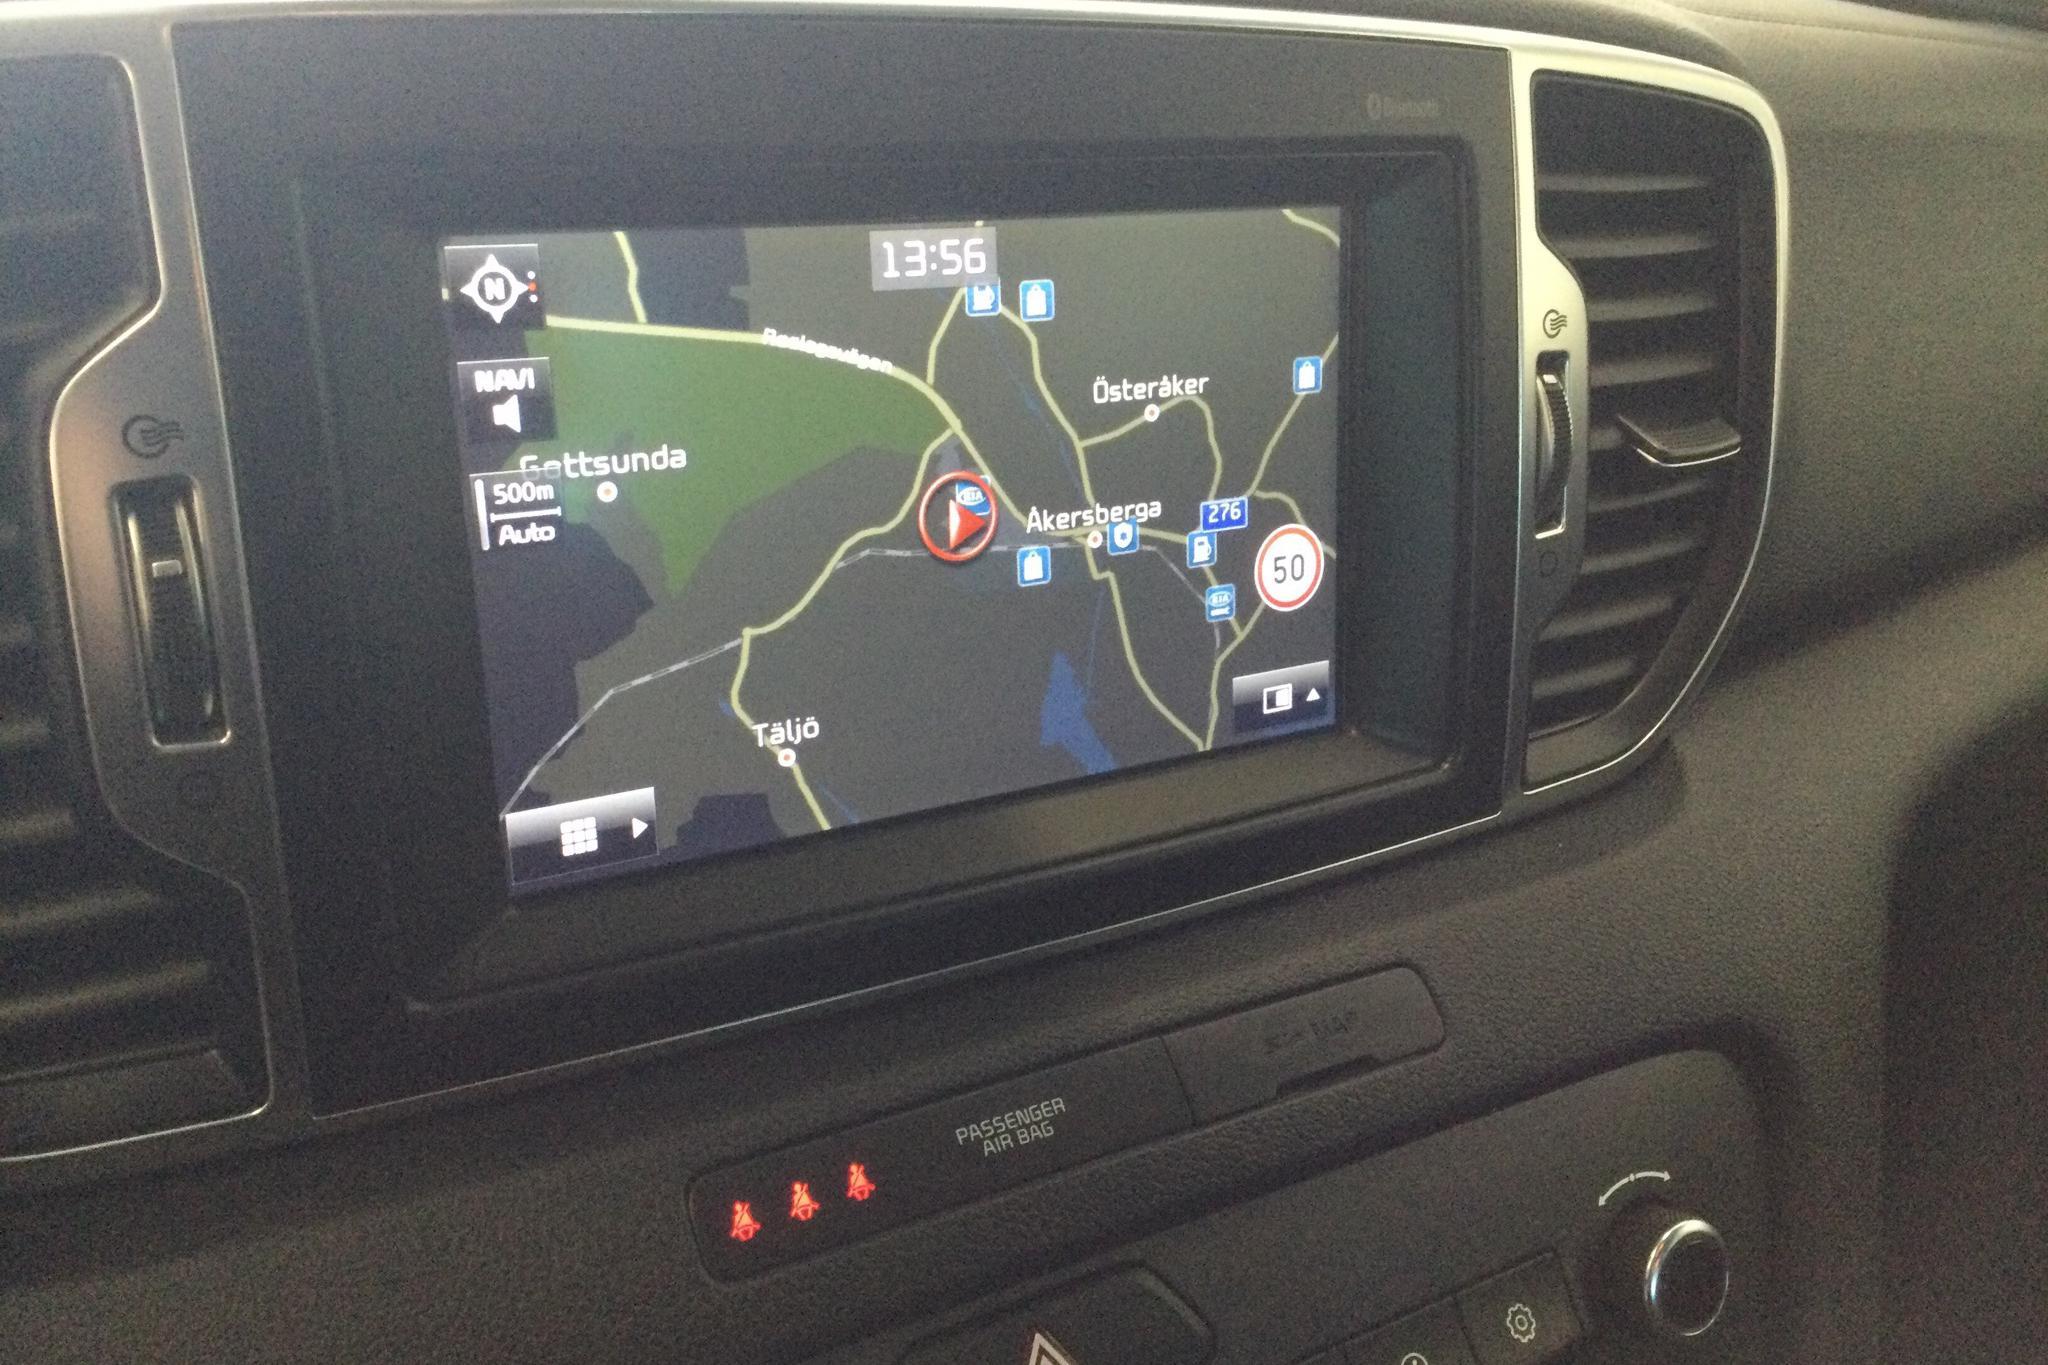 KIA Sportage 2.0 CRDi AWD (184hk) - 8 885 mil - Automat - svart - 2016